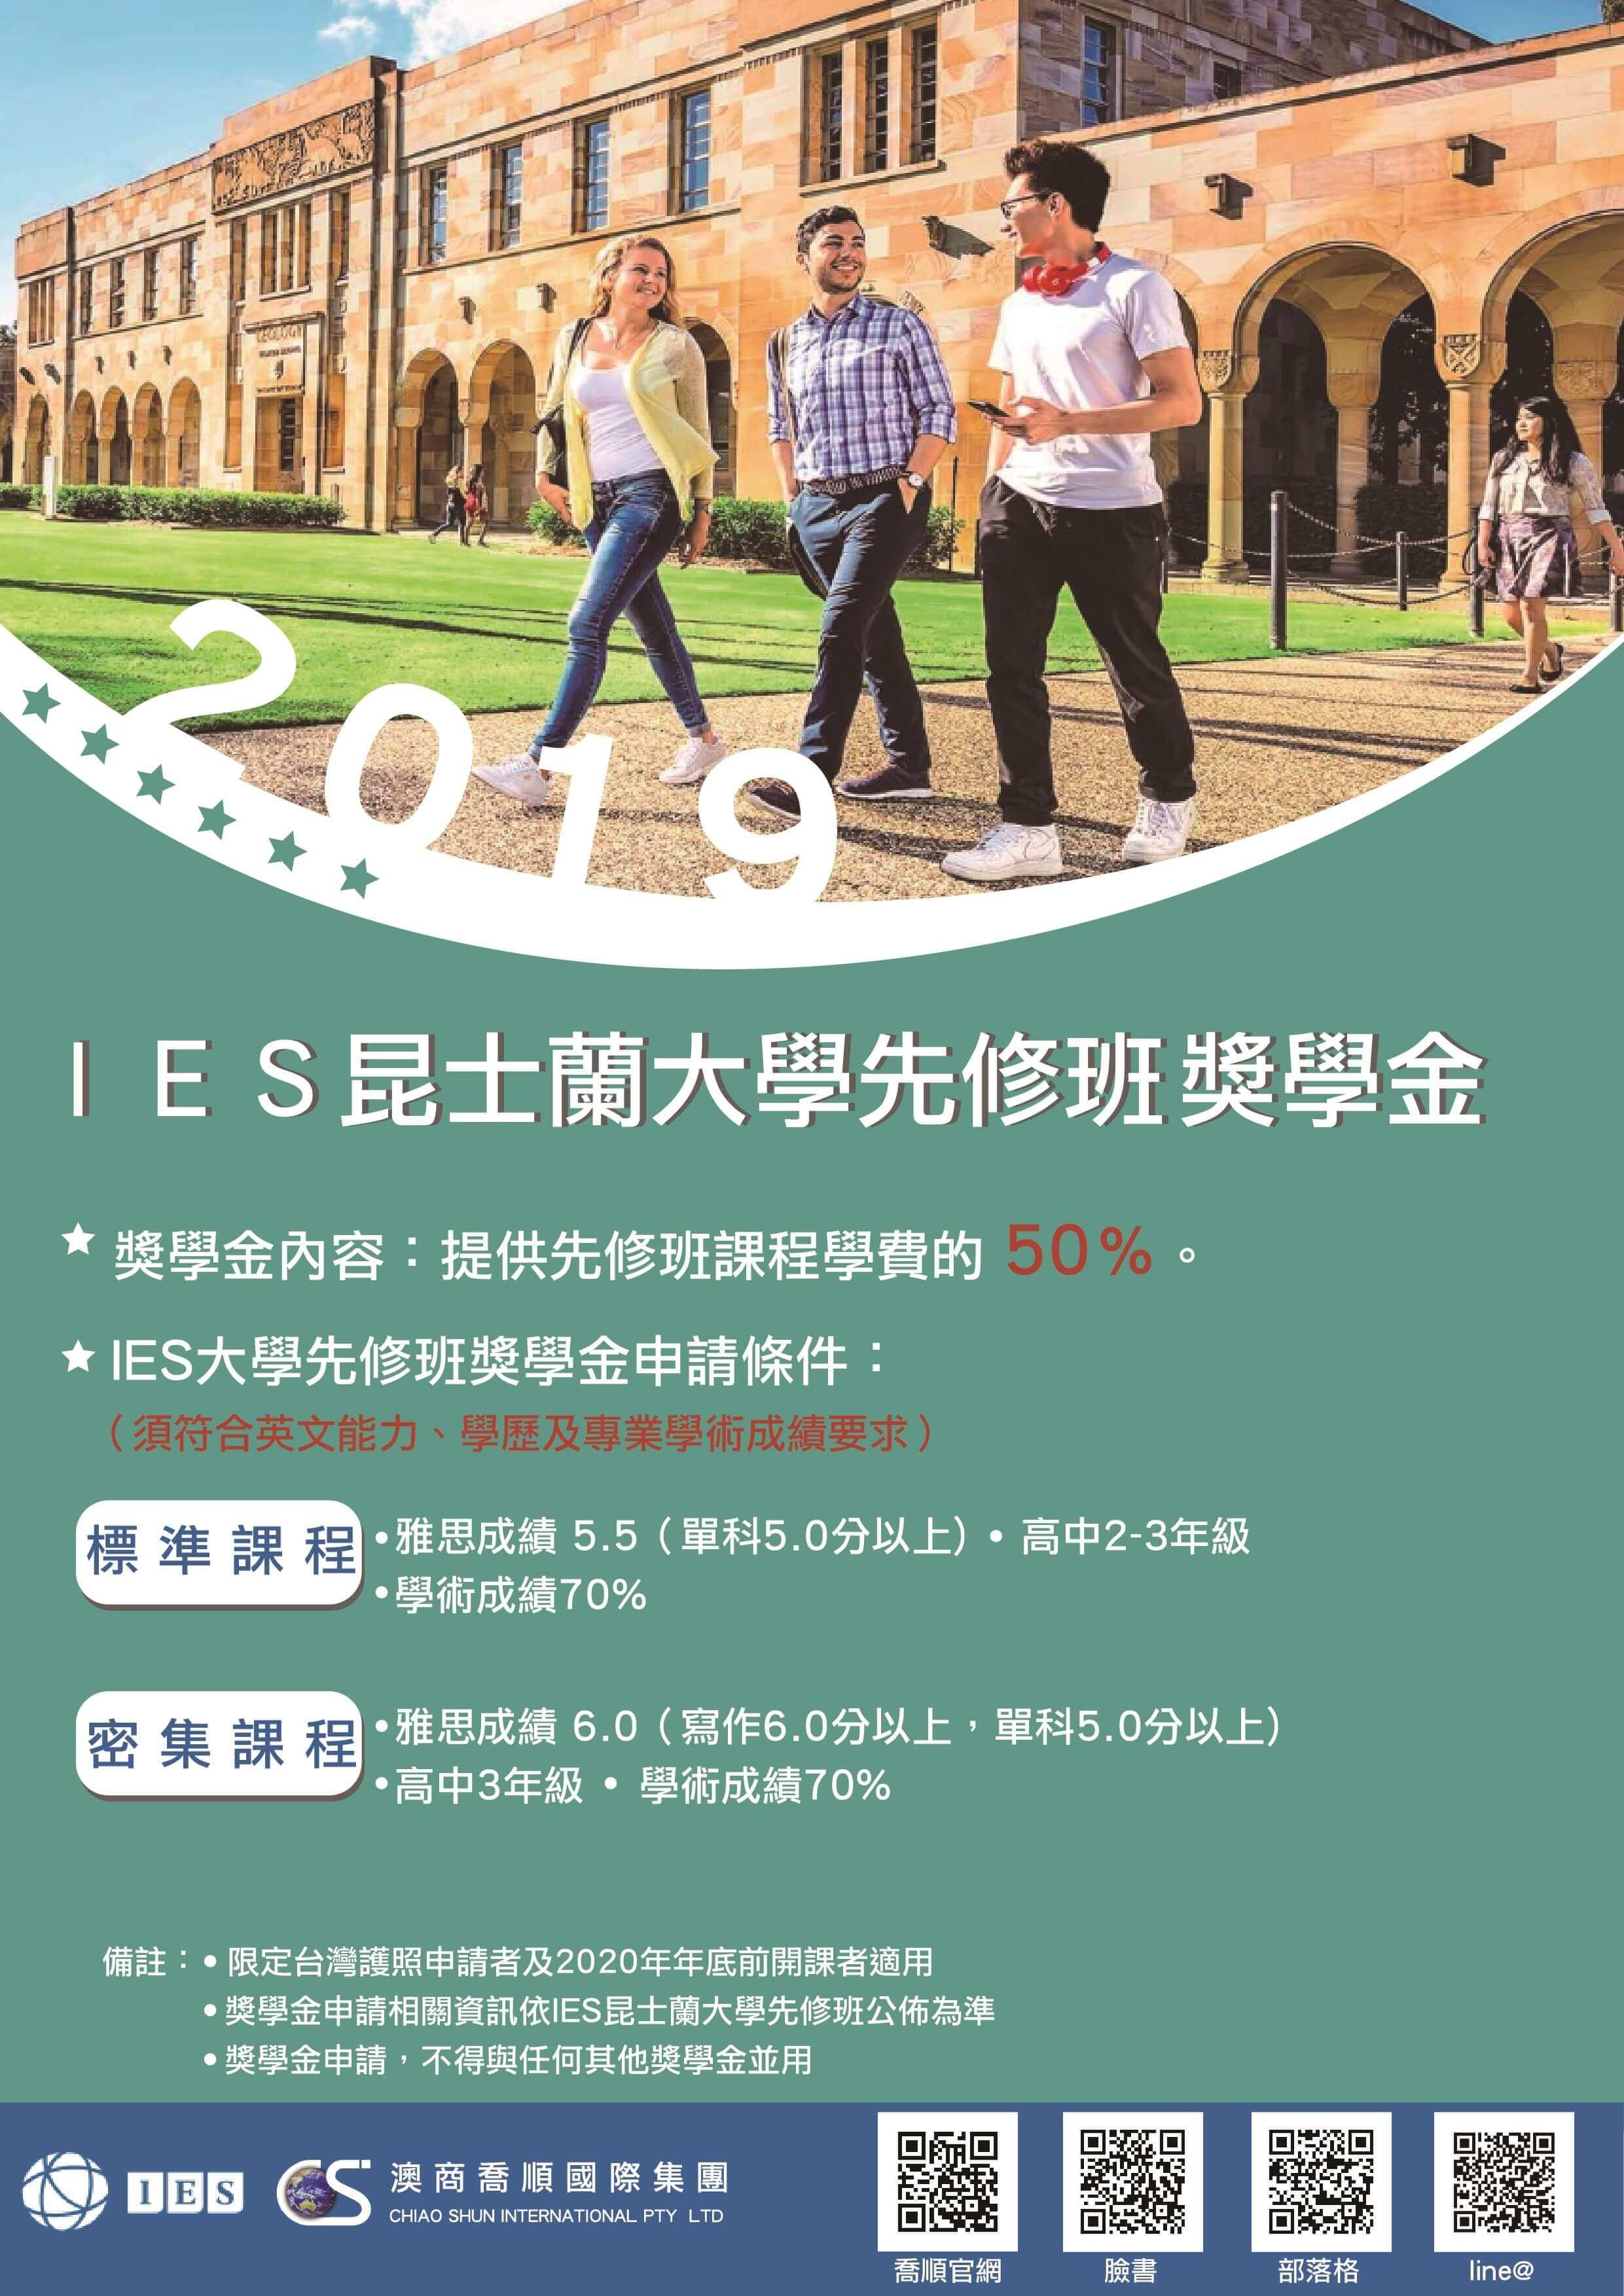 只要符合該校要求,昆士蘭大學提供先修班課程50%學費